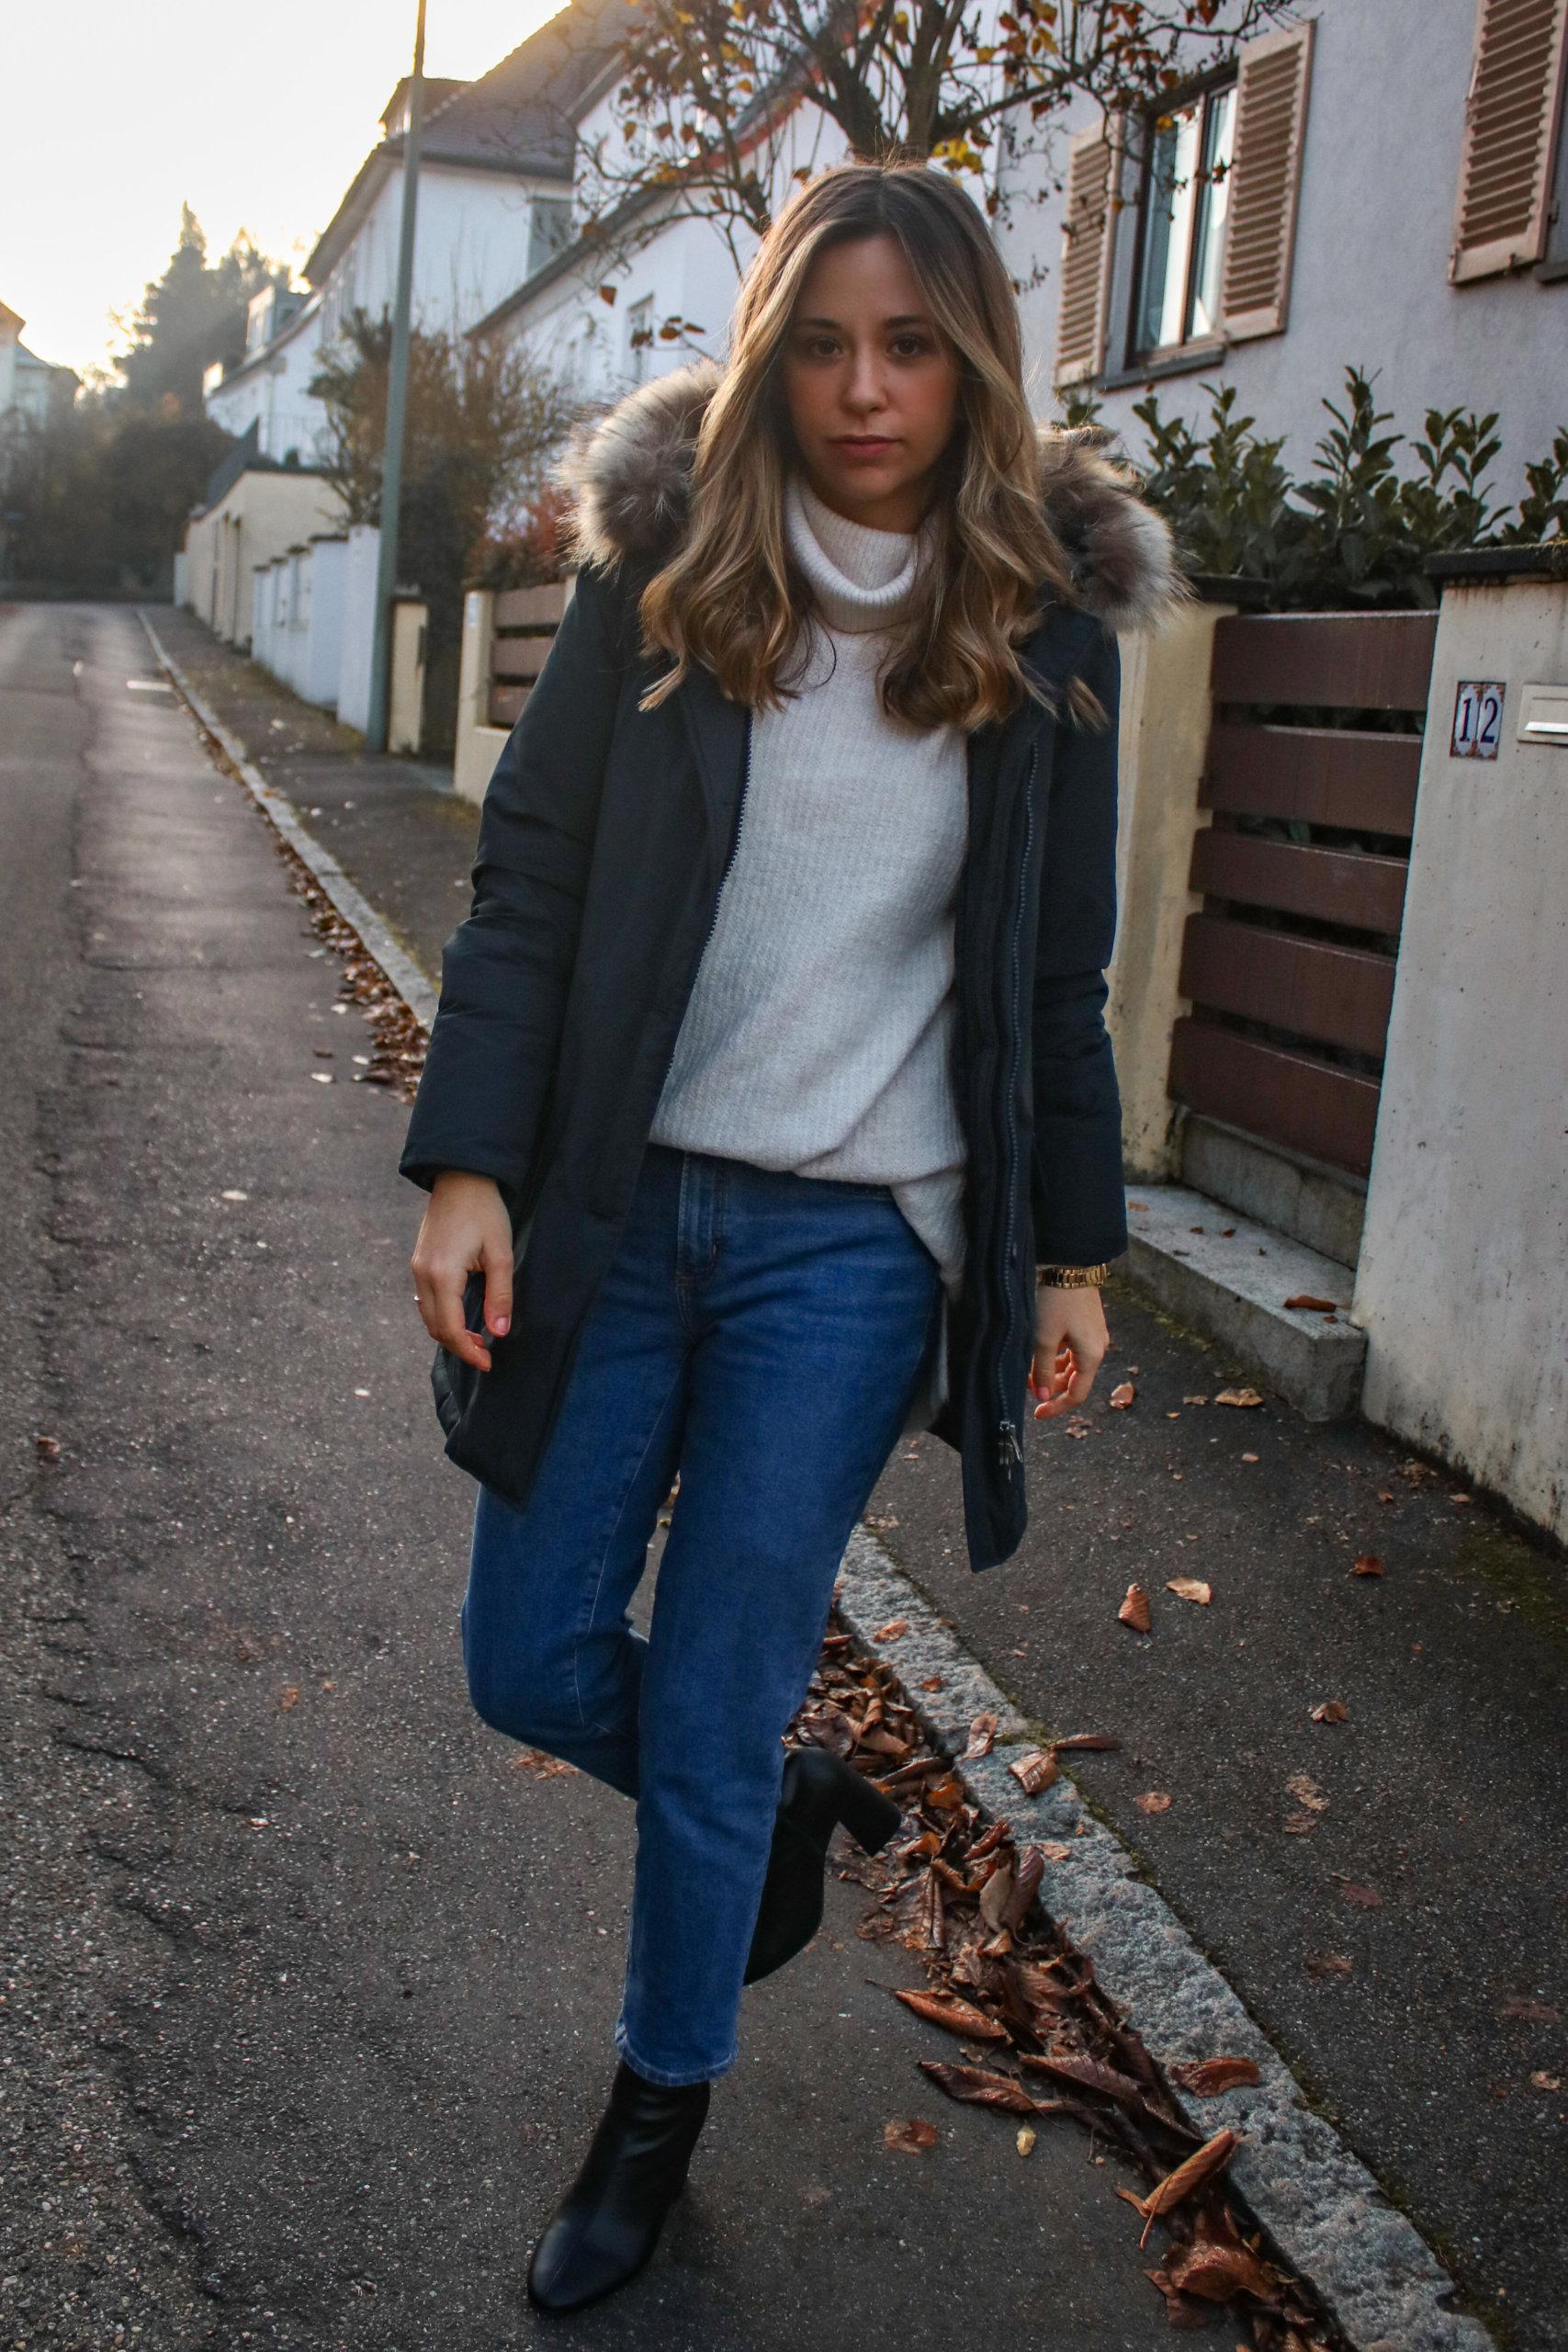 Meine liebste Winterjacke – Woolrich Winterparka & Basic Outfit